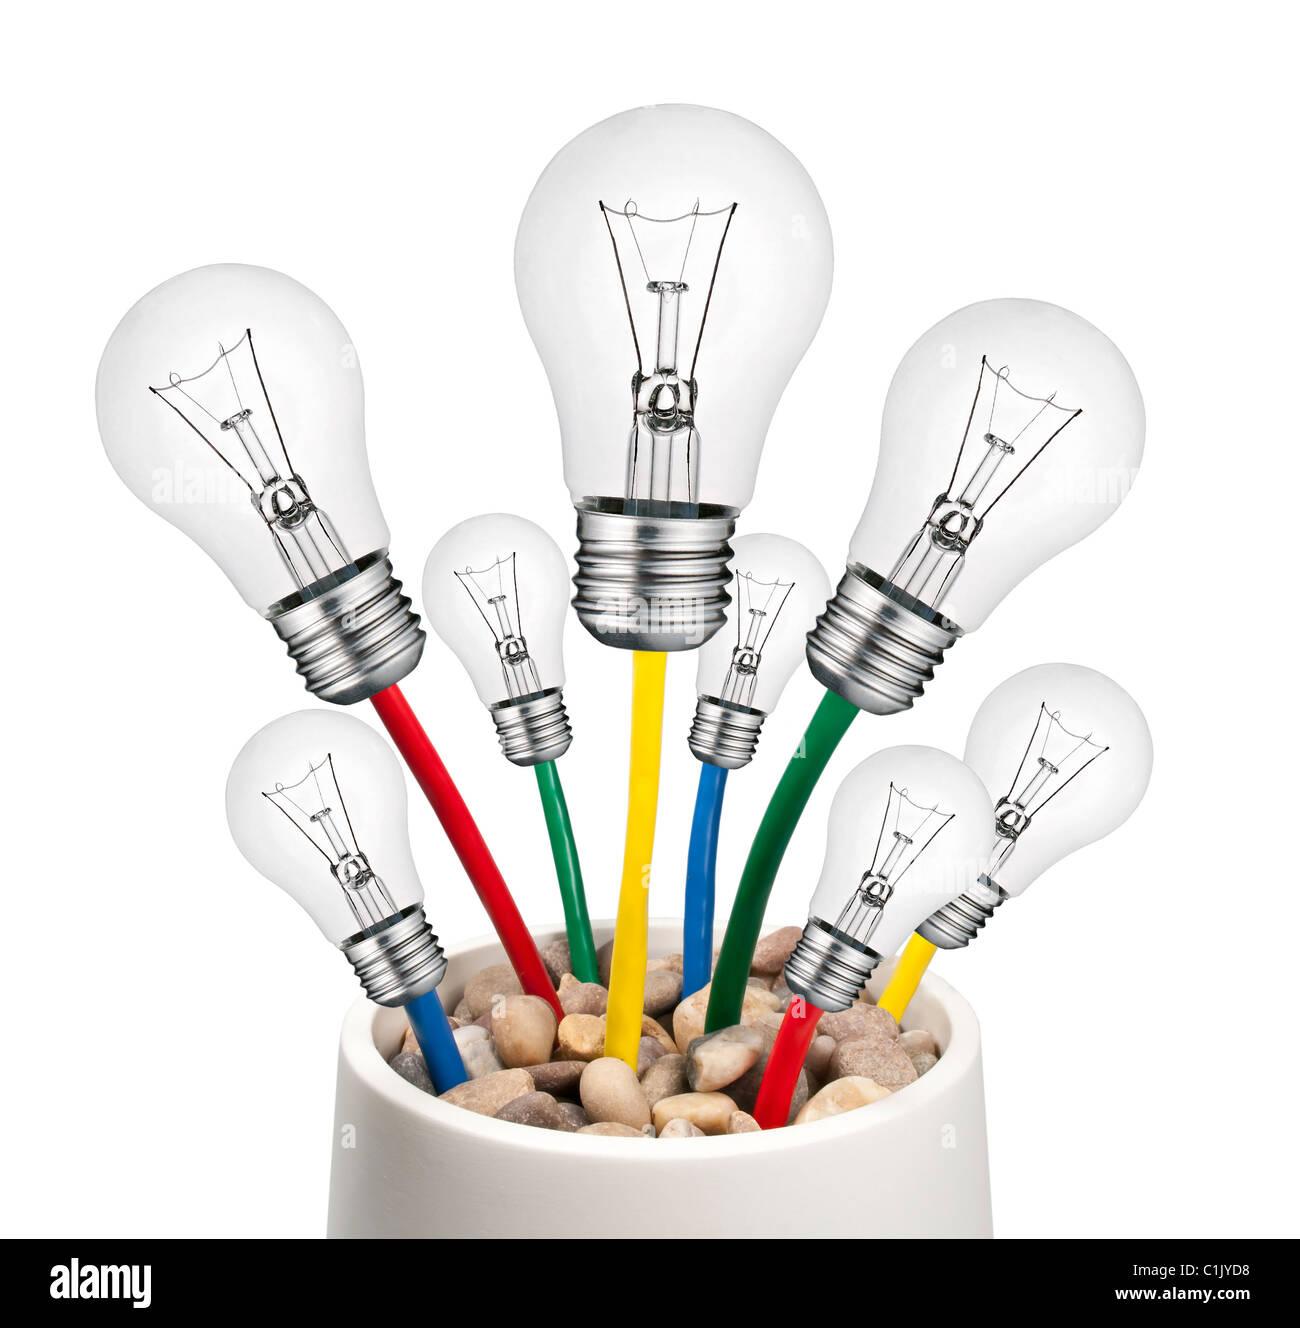 Alternative neue Ideen - Glühbirnen mit Kabel wächst in einem Topf Isolated on White Background Stockbild